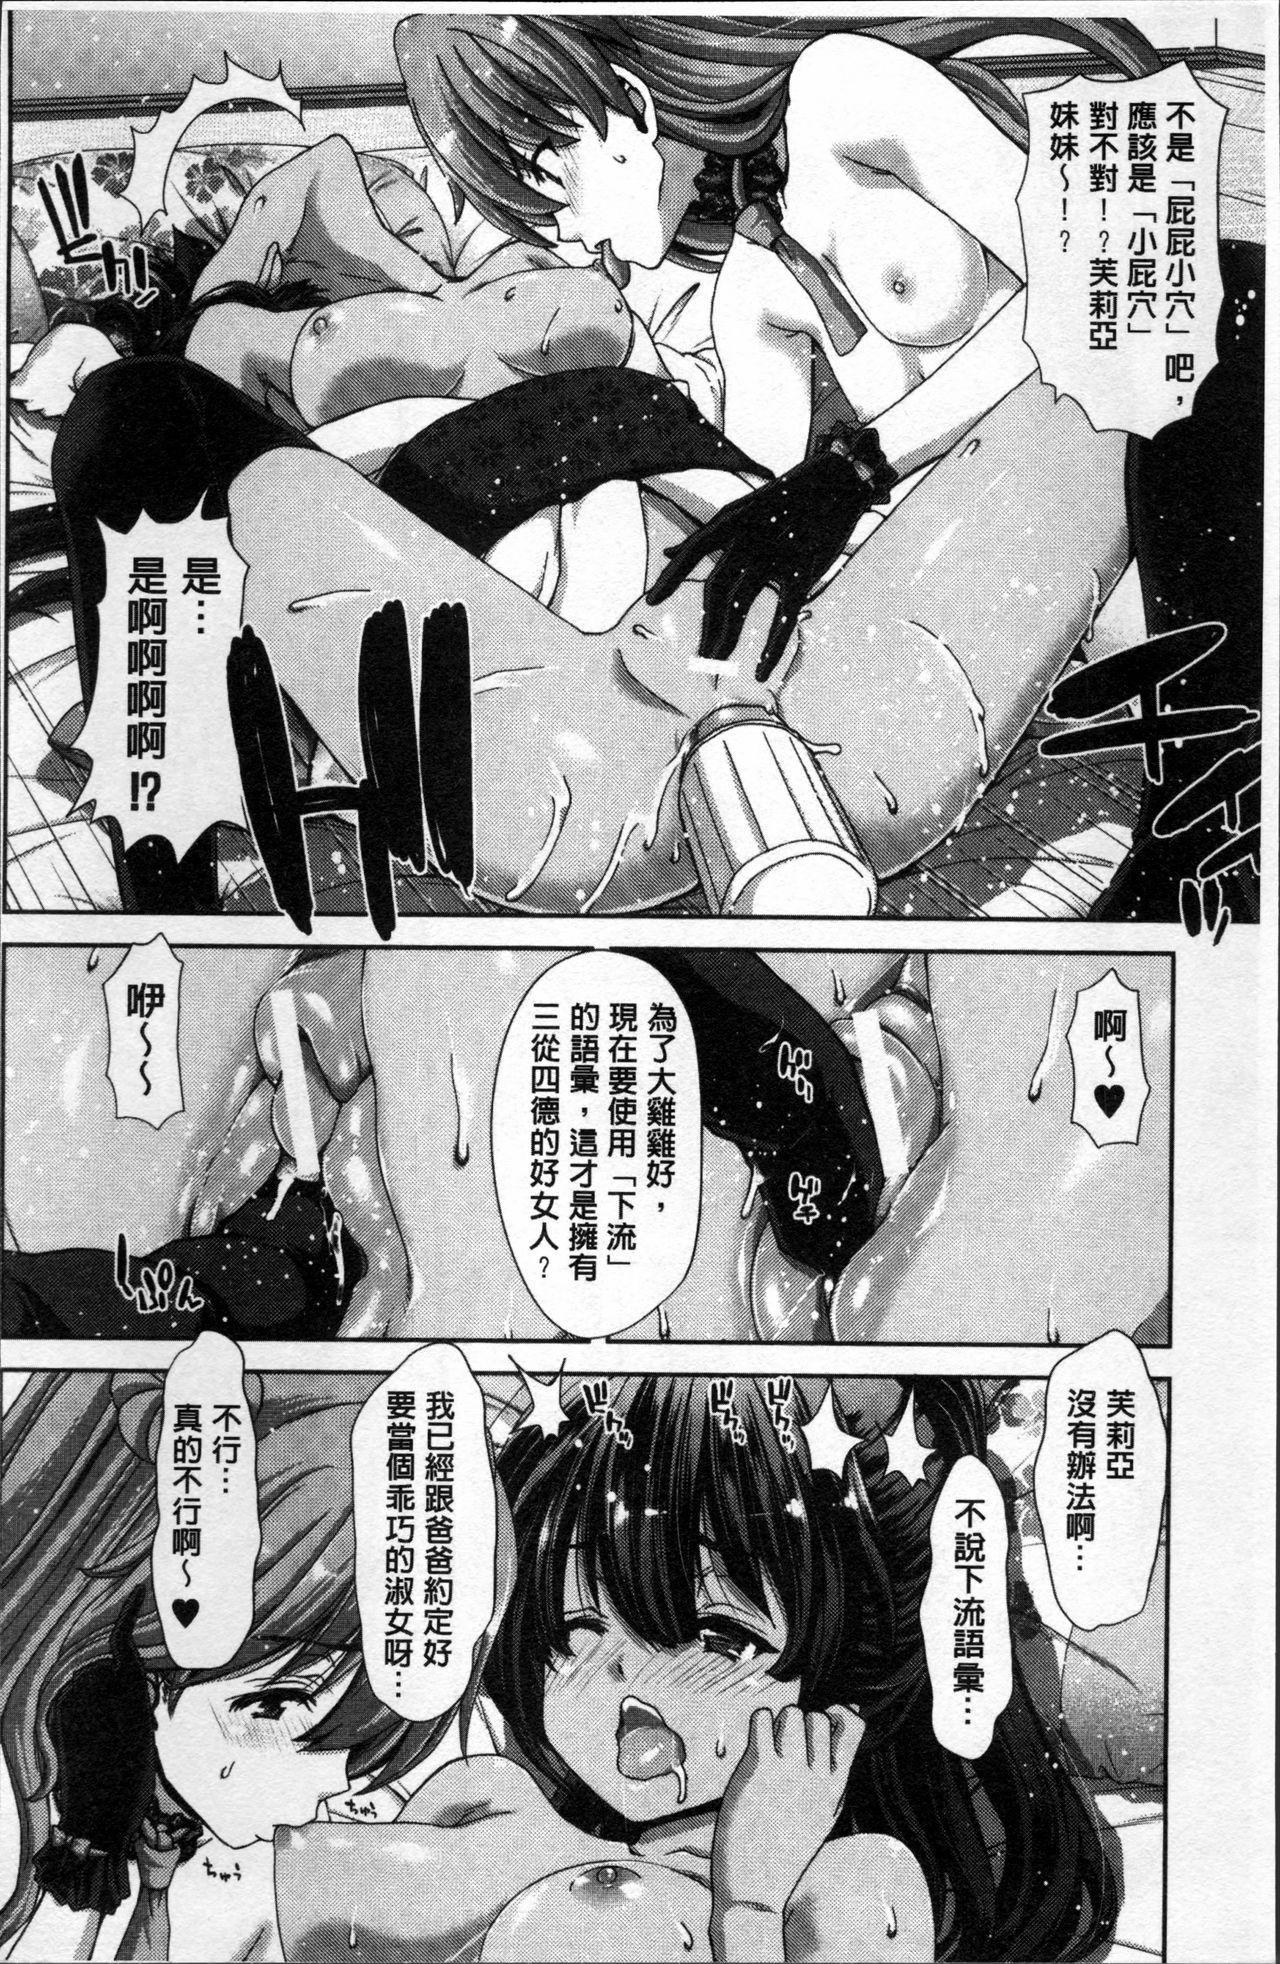 Imouto dakedo Oniichan, H Shiyo! H Shiyo! H Shiyou yo! 114